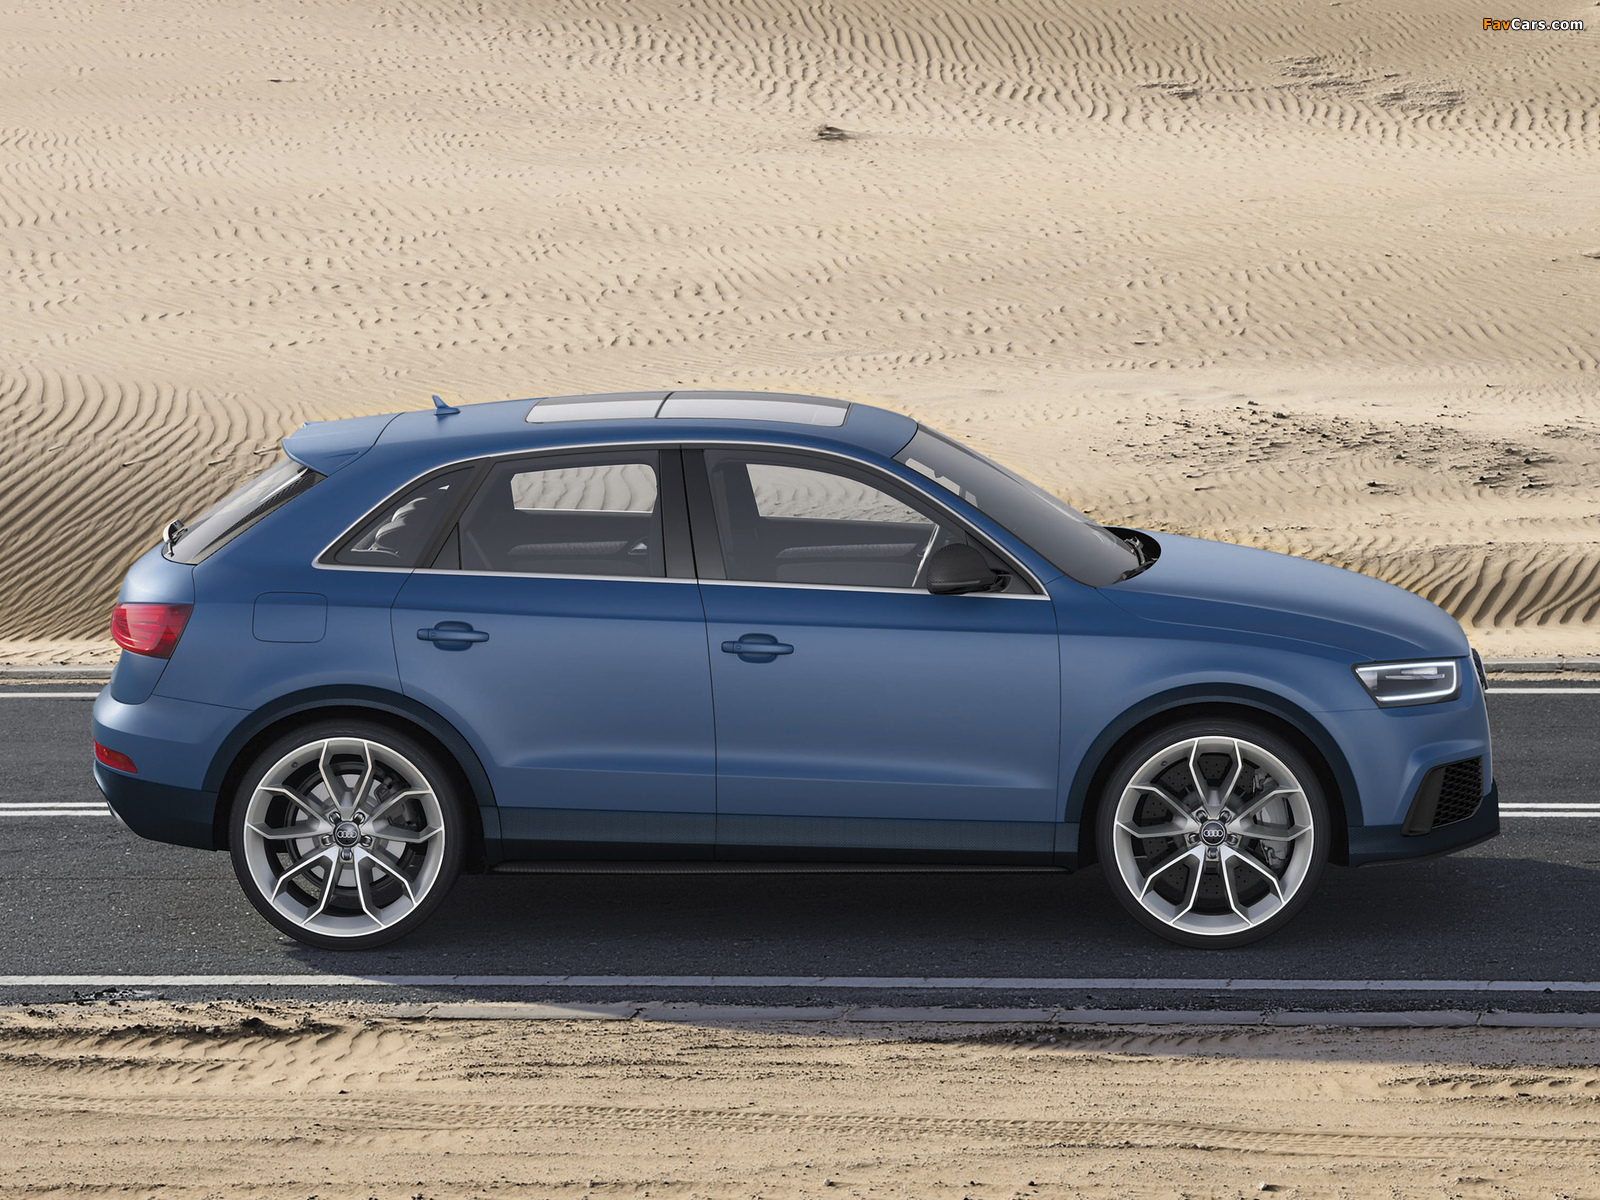 Audi RS Q3 Concept 2012 photos (1600 x 1200)